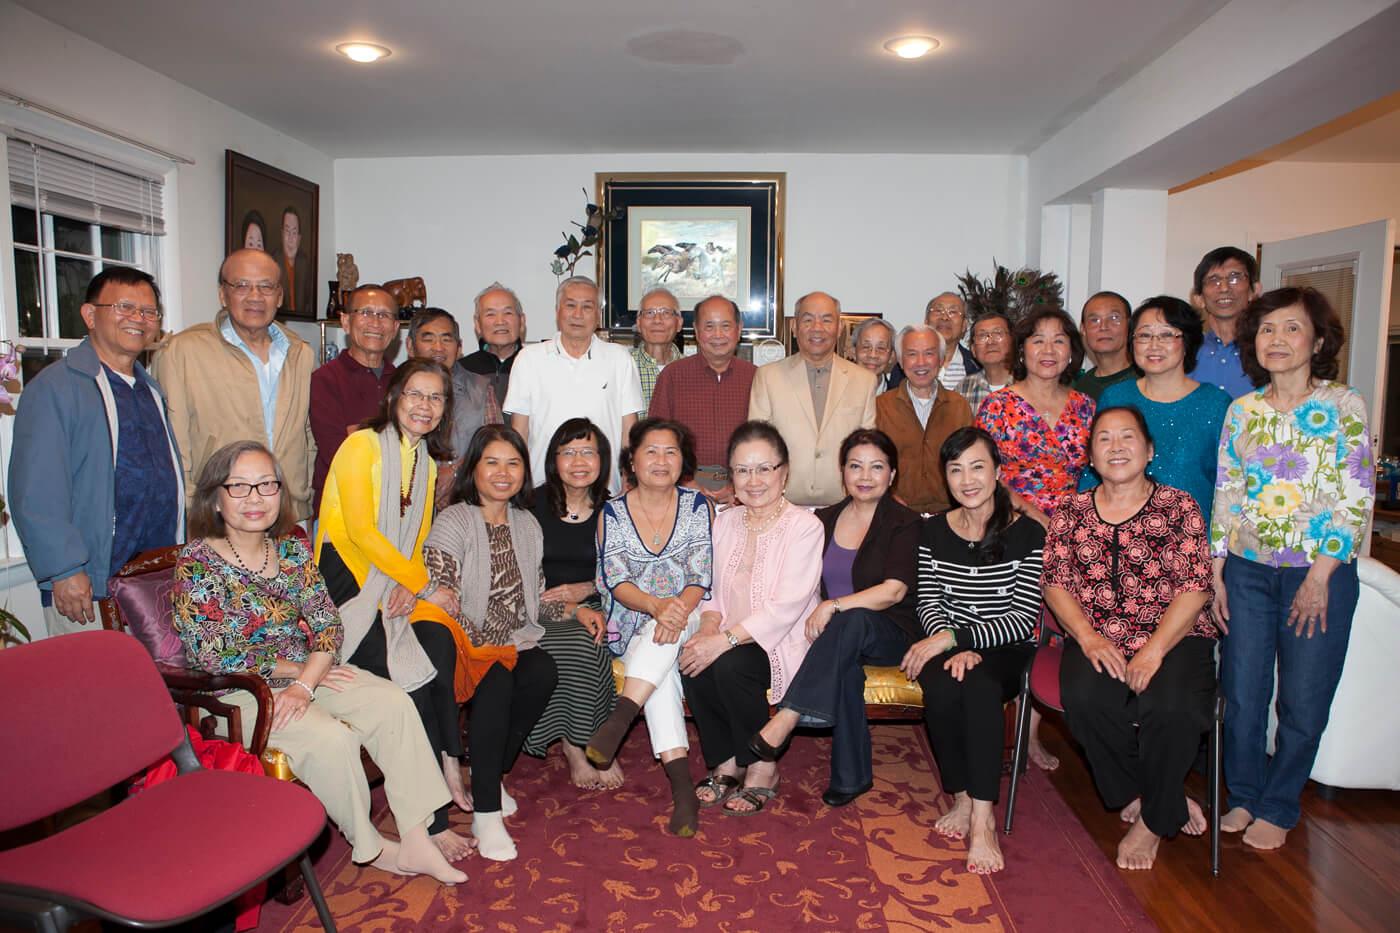 Tiệc mừng anh Đỗ Quang Tỏa May 6, 2017